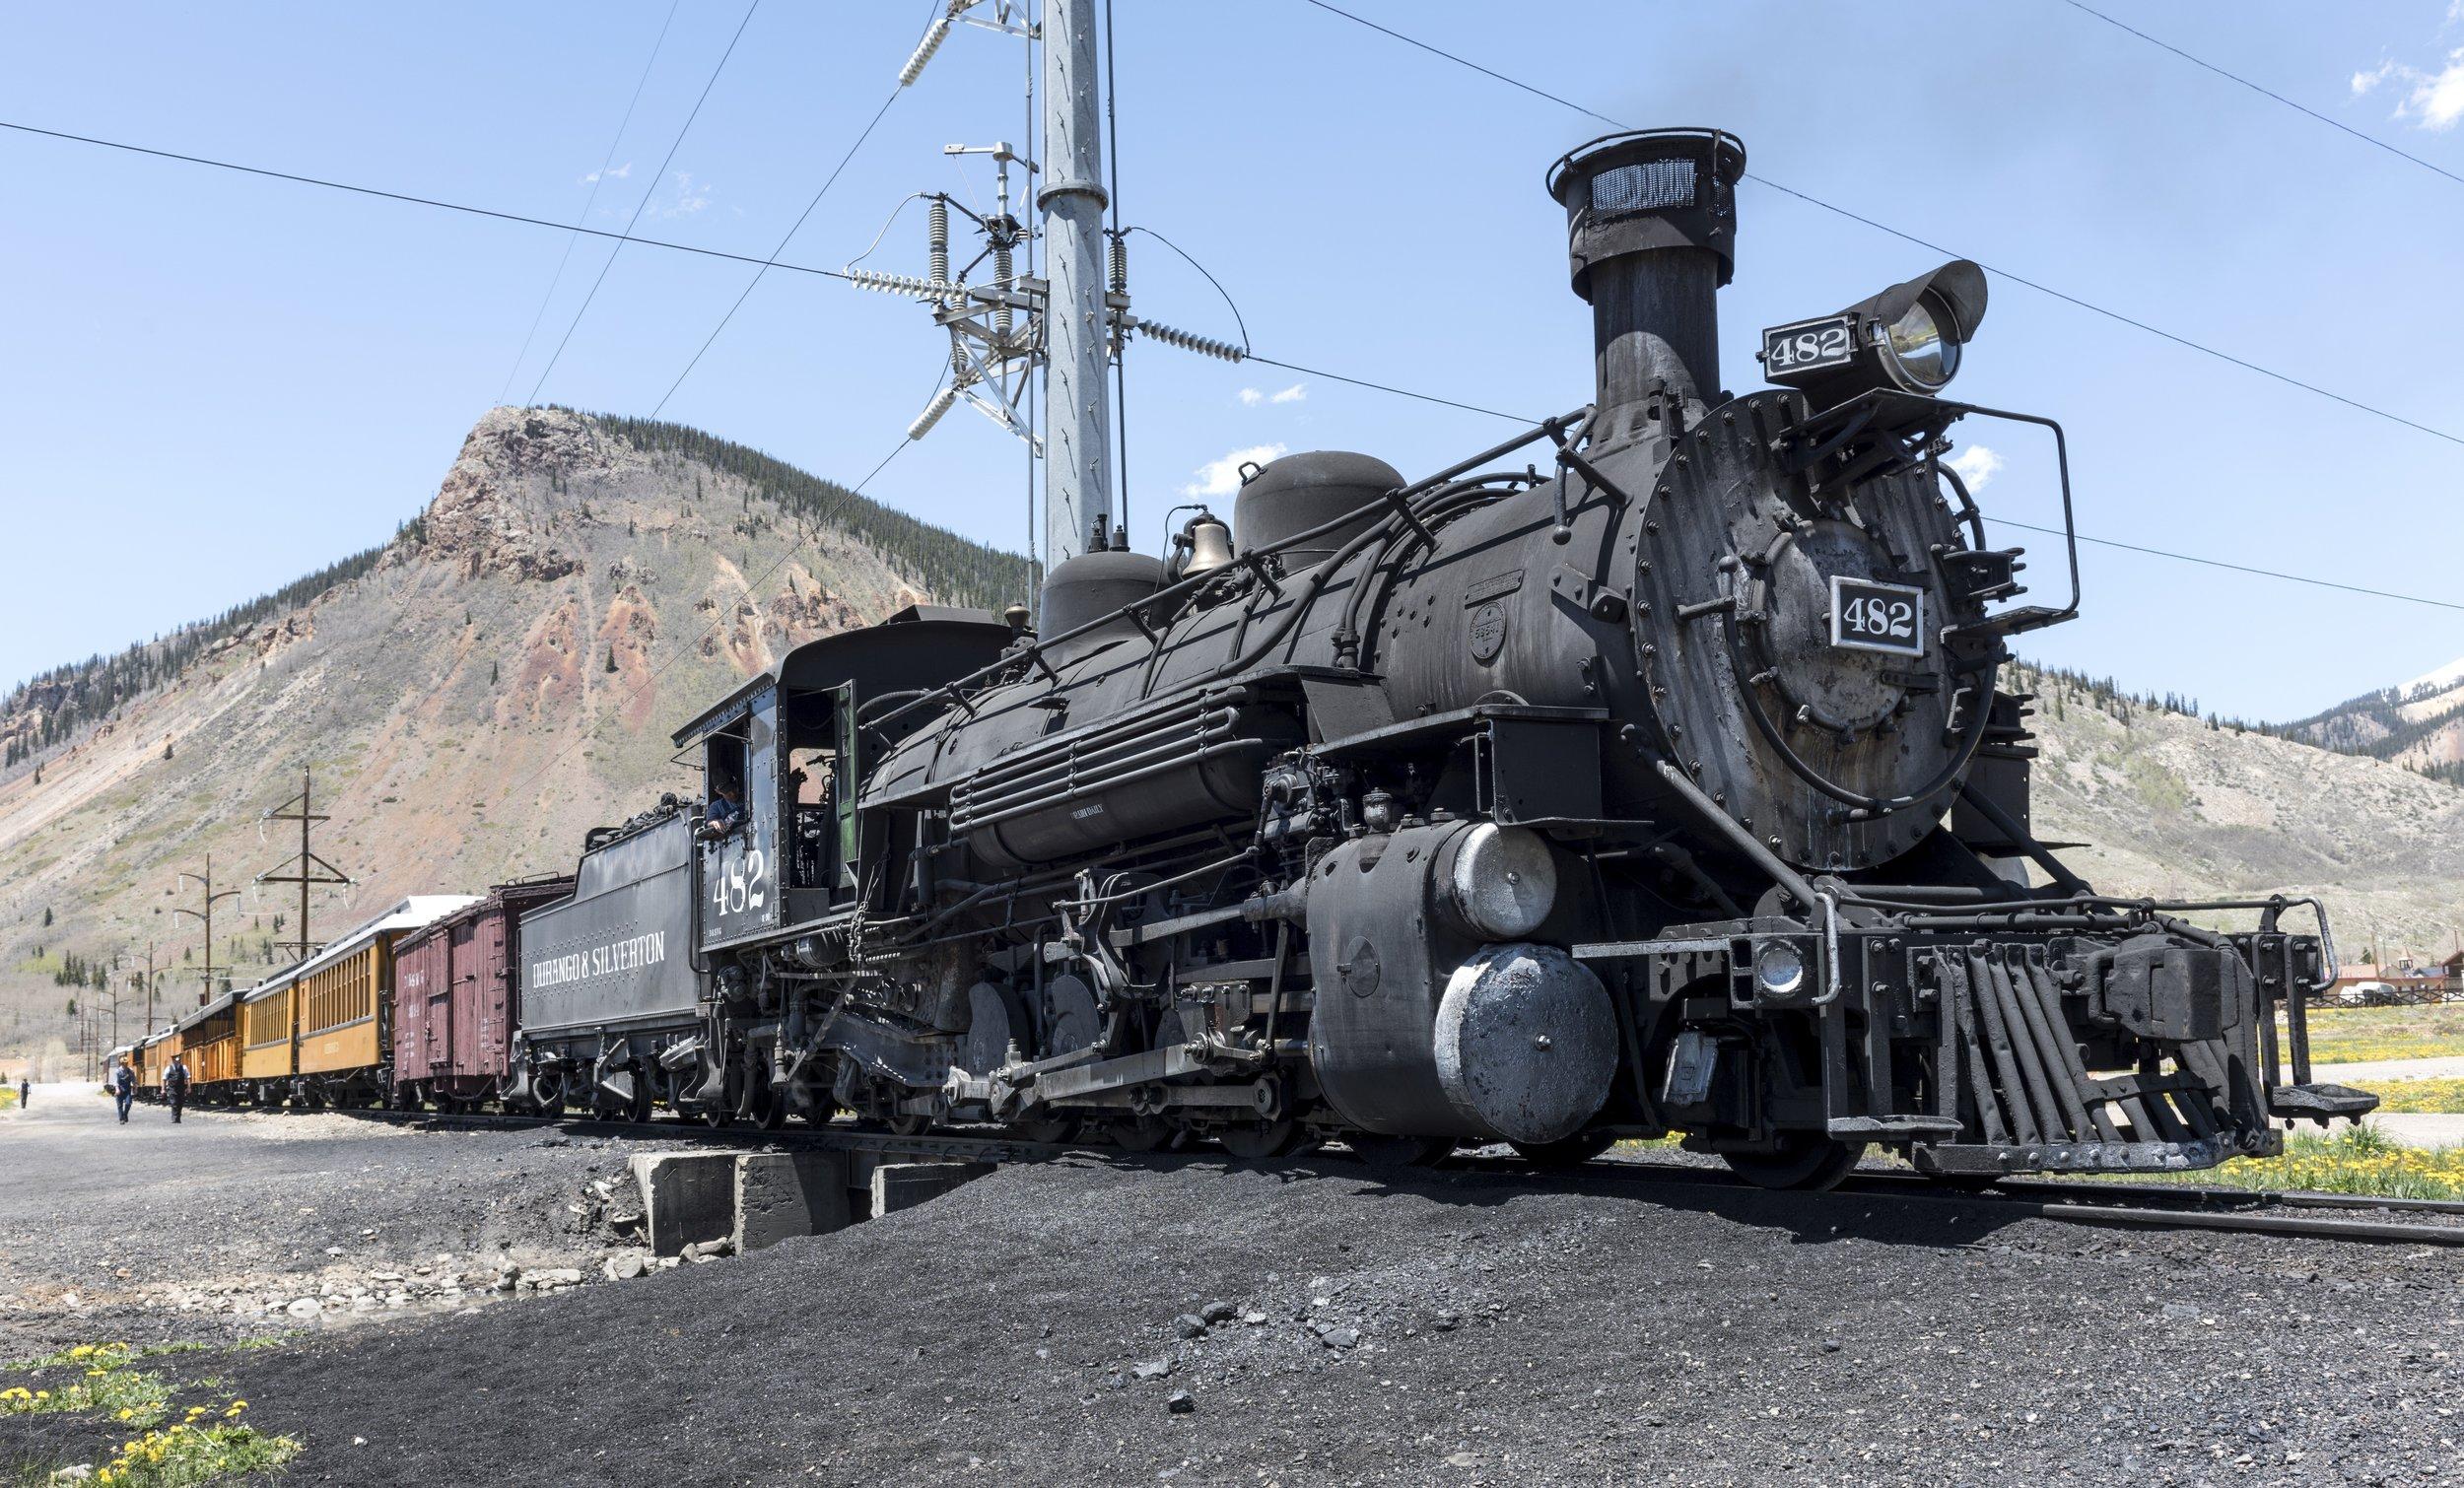 coal-diesel-engine-210144.jpg